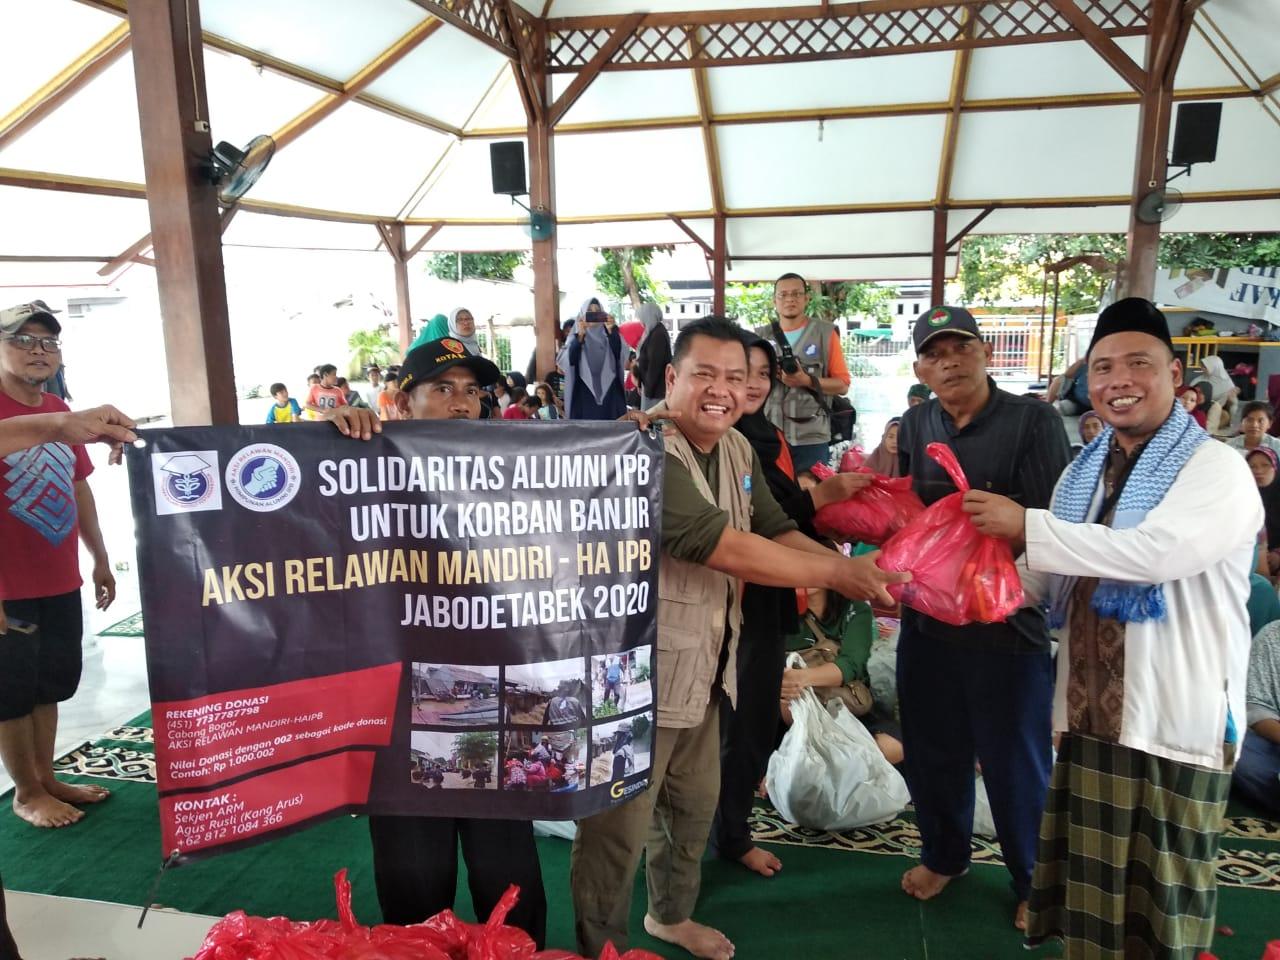 Alumni IPB Gelontorkan 1.900 Paket Bantuan untuk Korban Banjir Jabodetabek